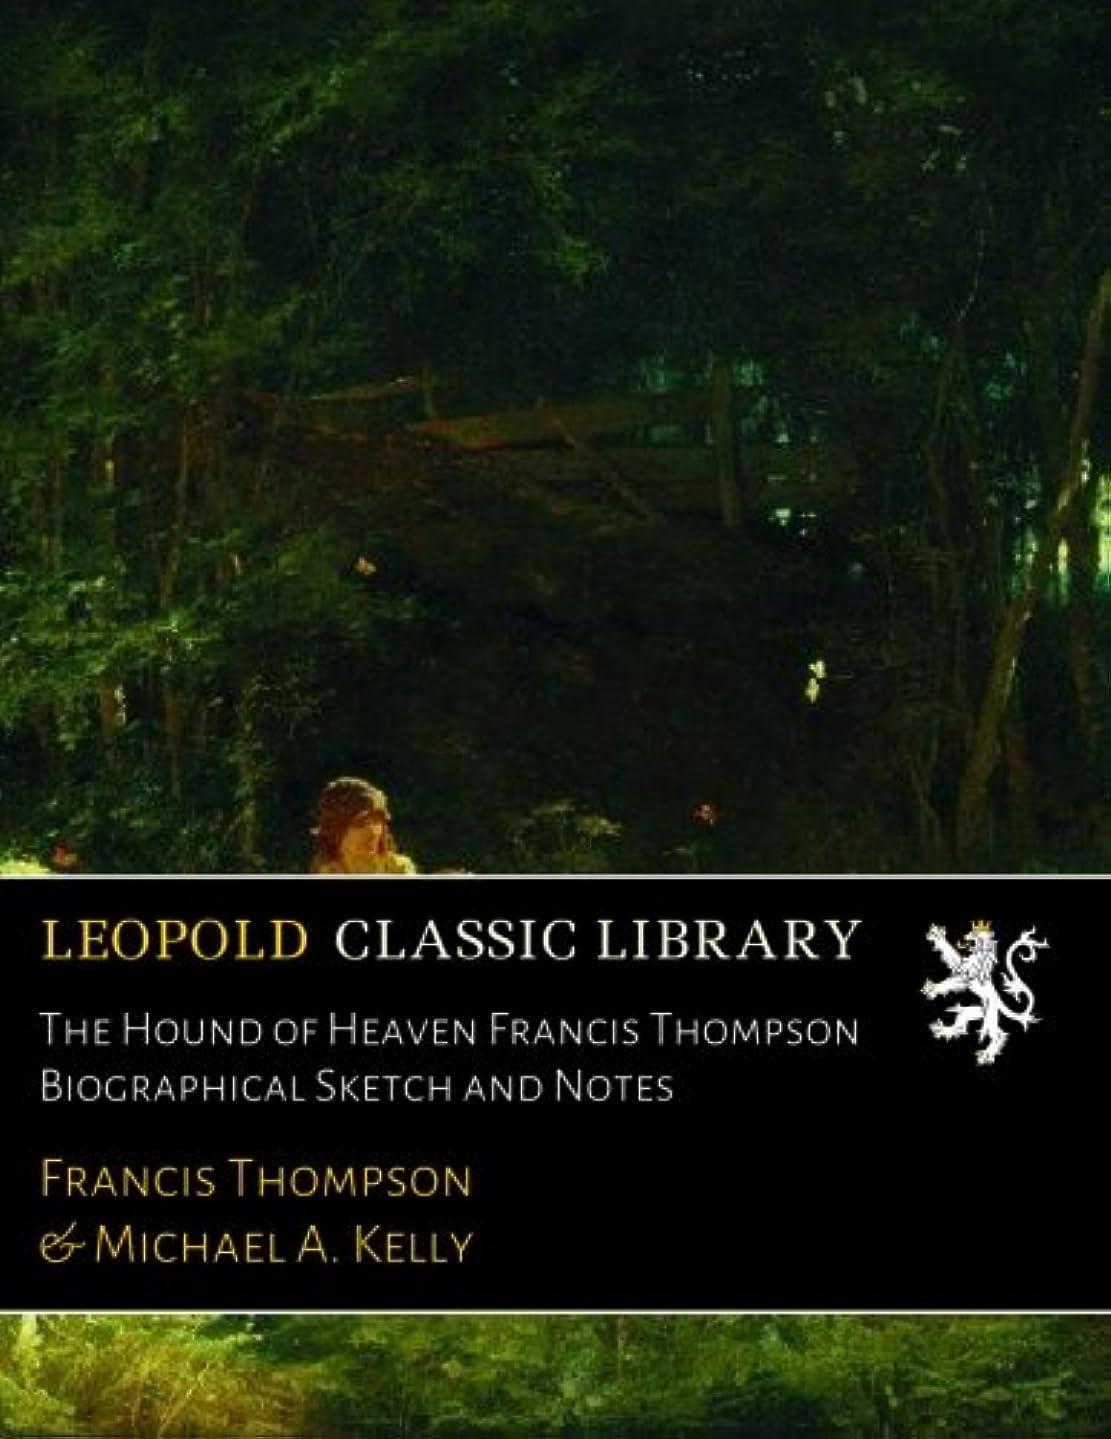 シールド政治家独裁The Hound of Heaven Francis Thompson Biographical Sketch and Notes